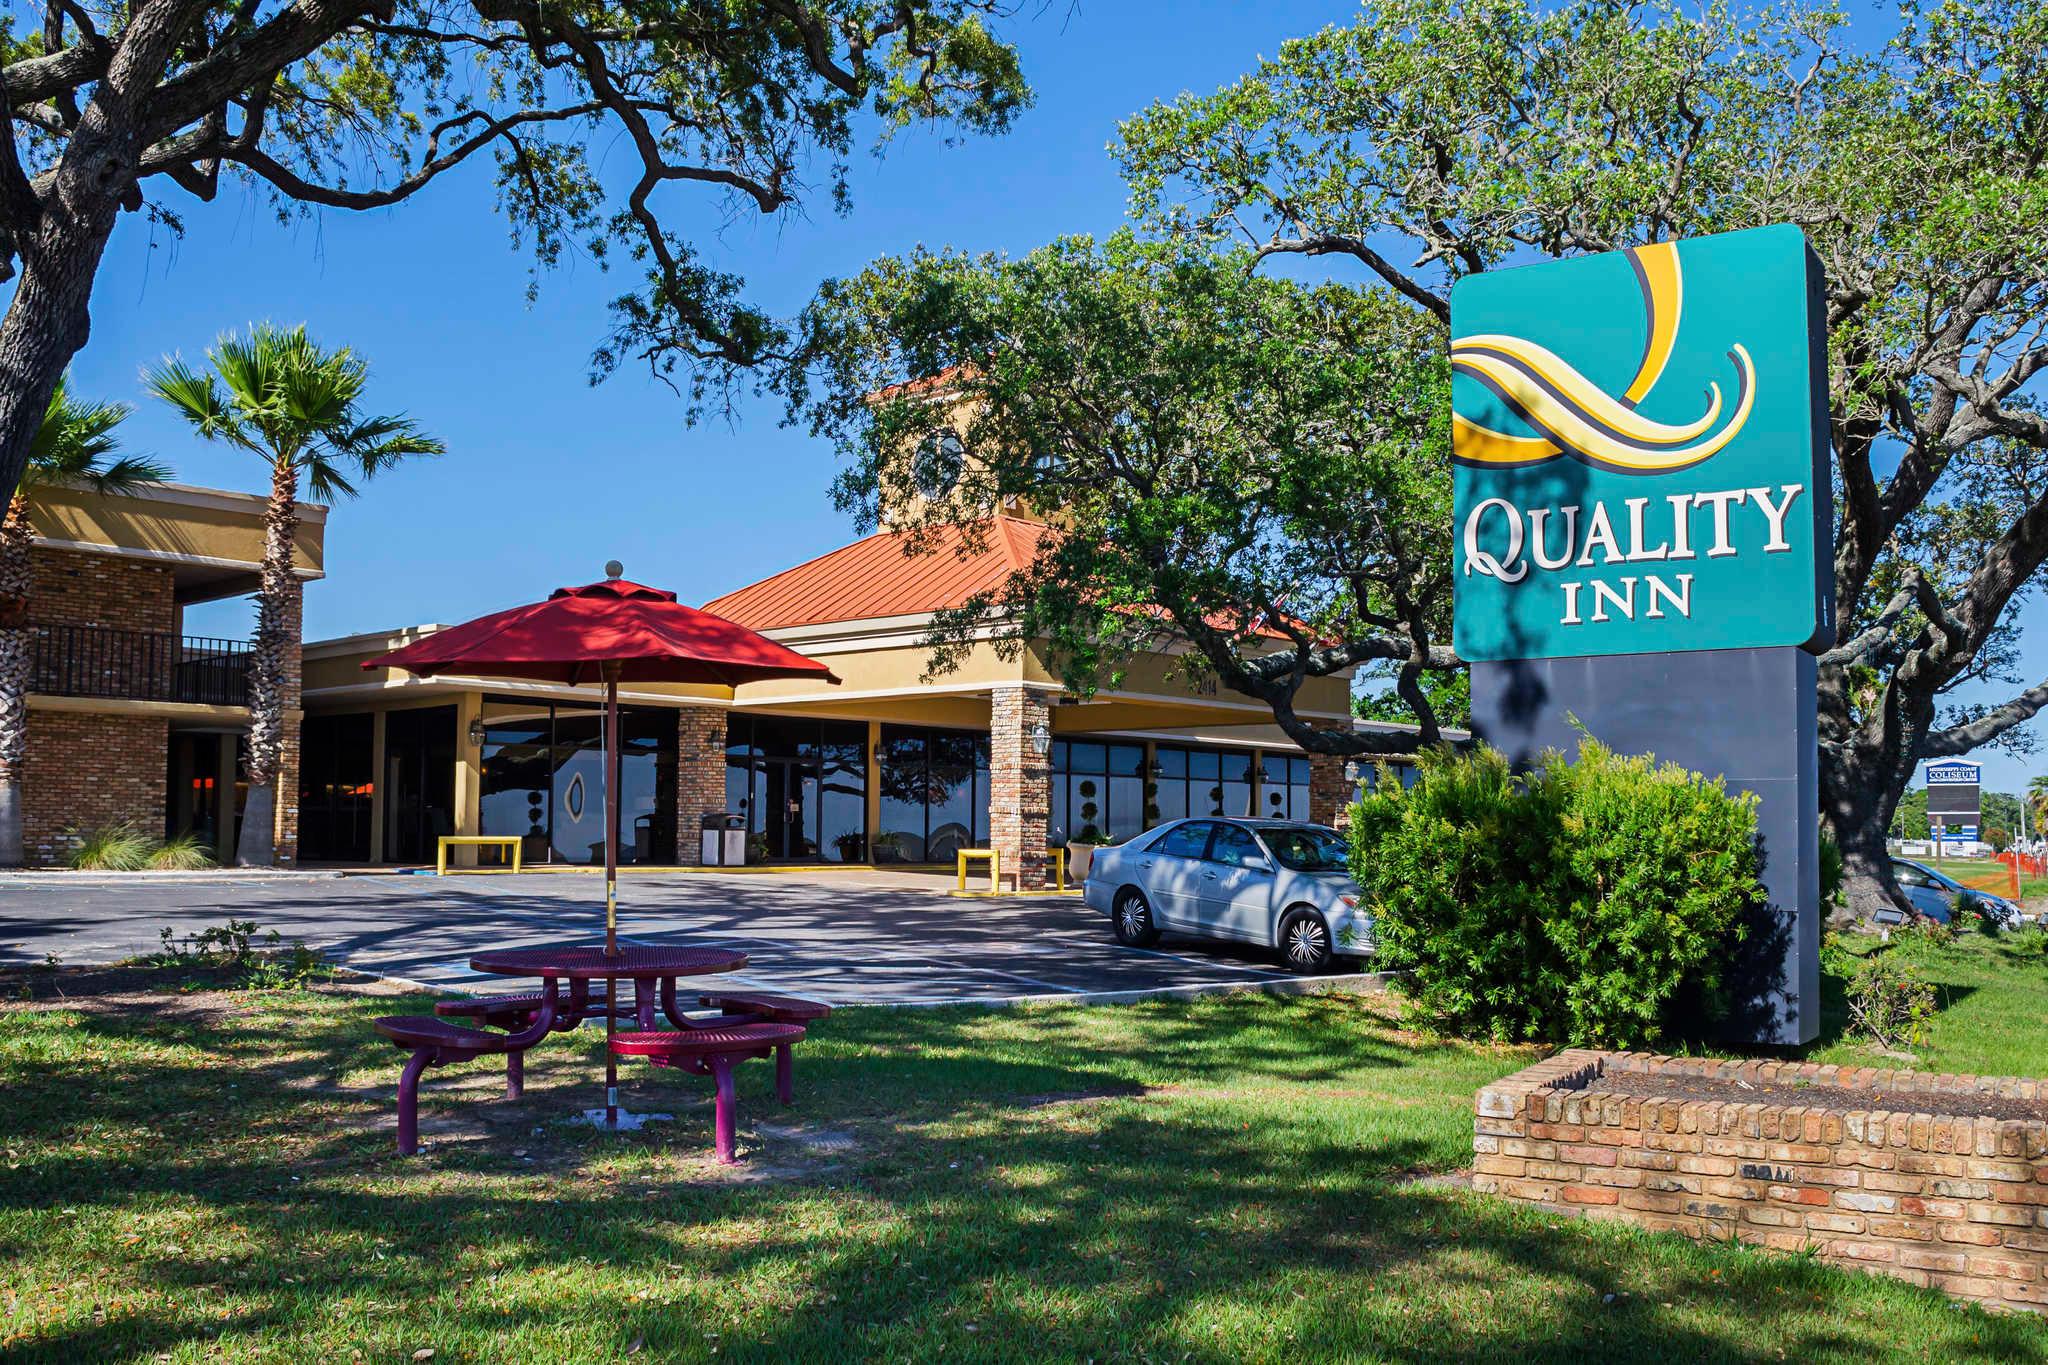 Quality Inn Biloxi Beach Blvd